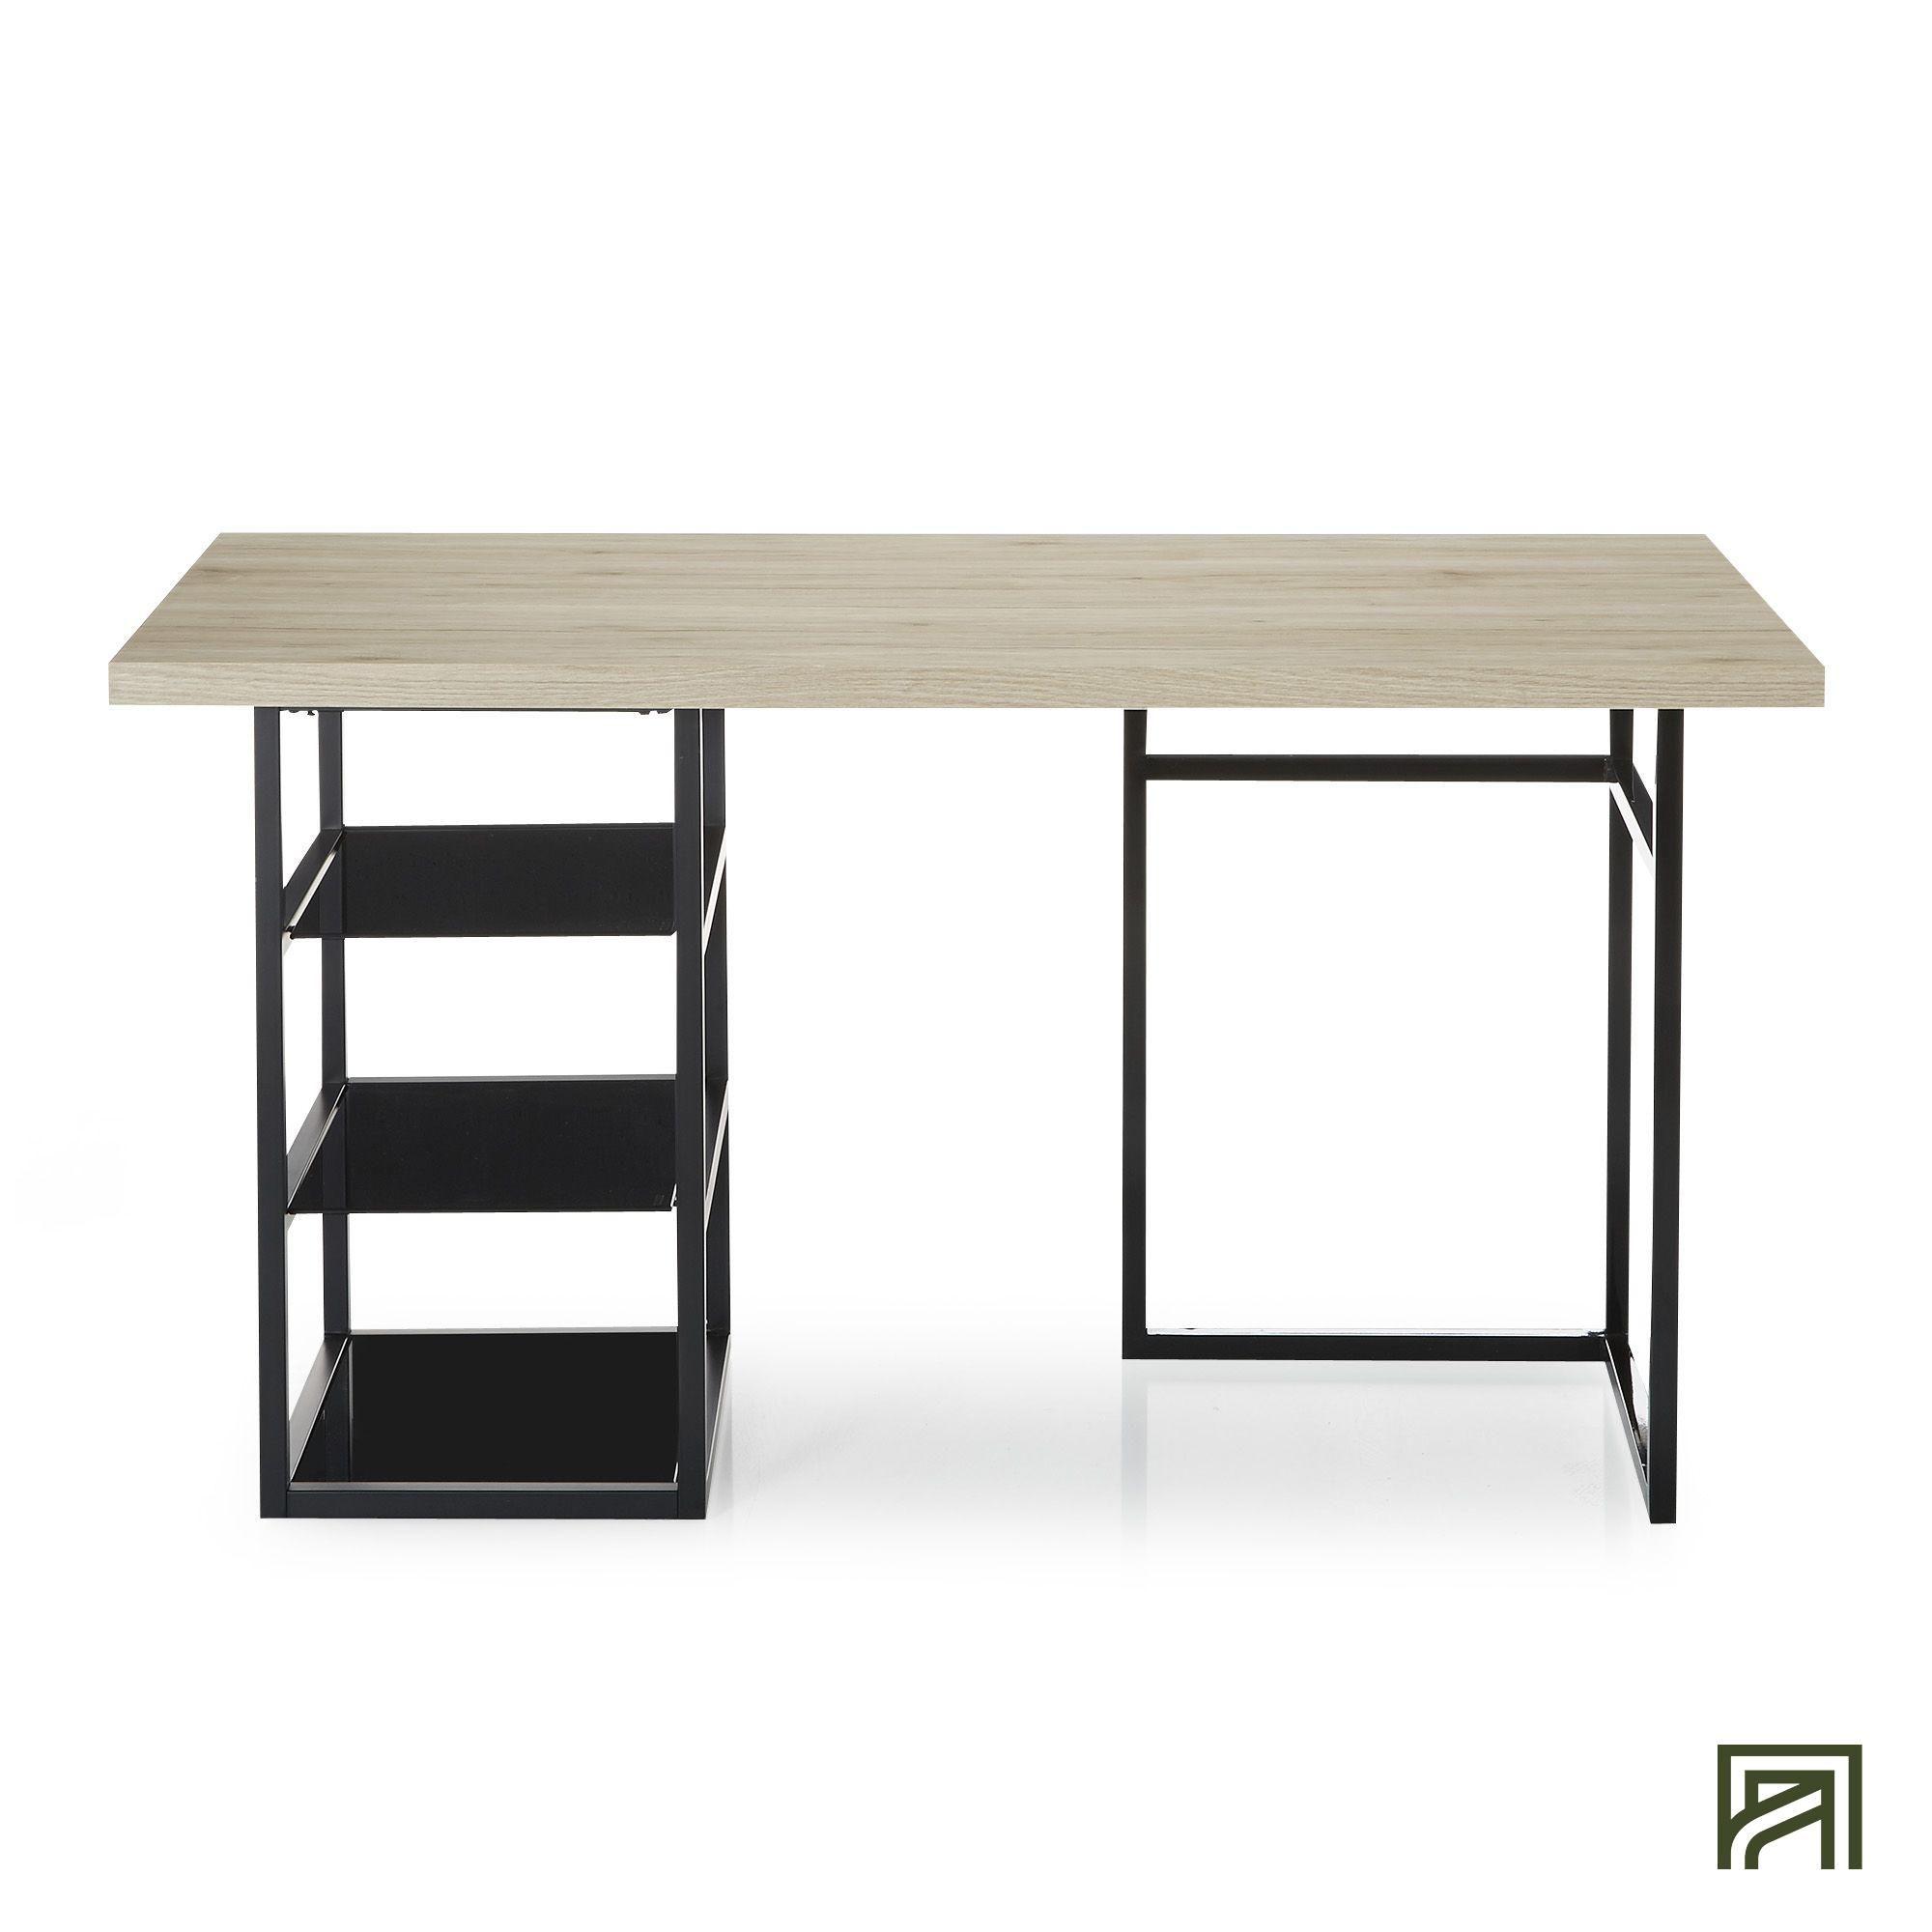 Alinea Ludo Bureau 75x150cm Avec Treteau Et Caisson Ouvert 3 Tablettes Alinea Decoration Bureau Table Mobilier De Salon Meuble Deco Meuble Design